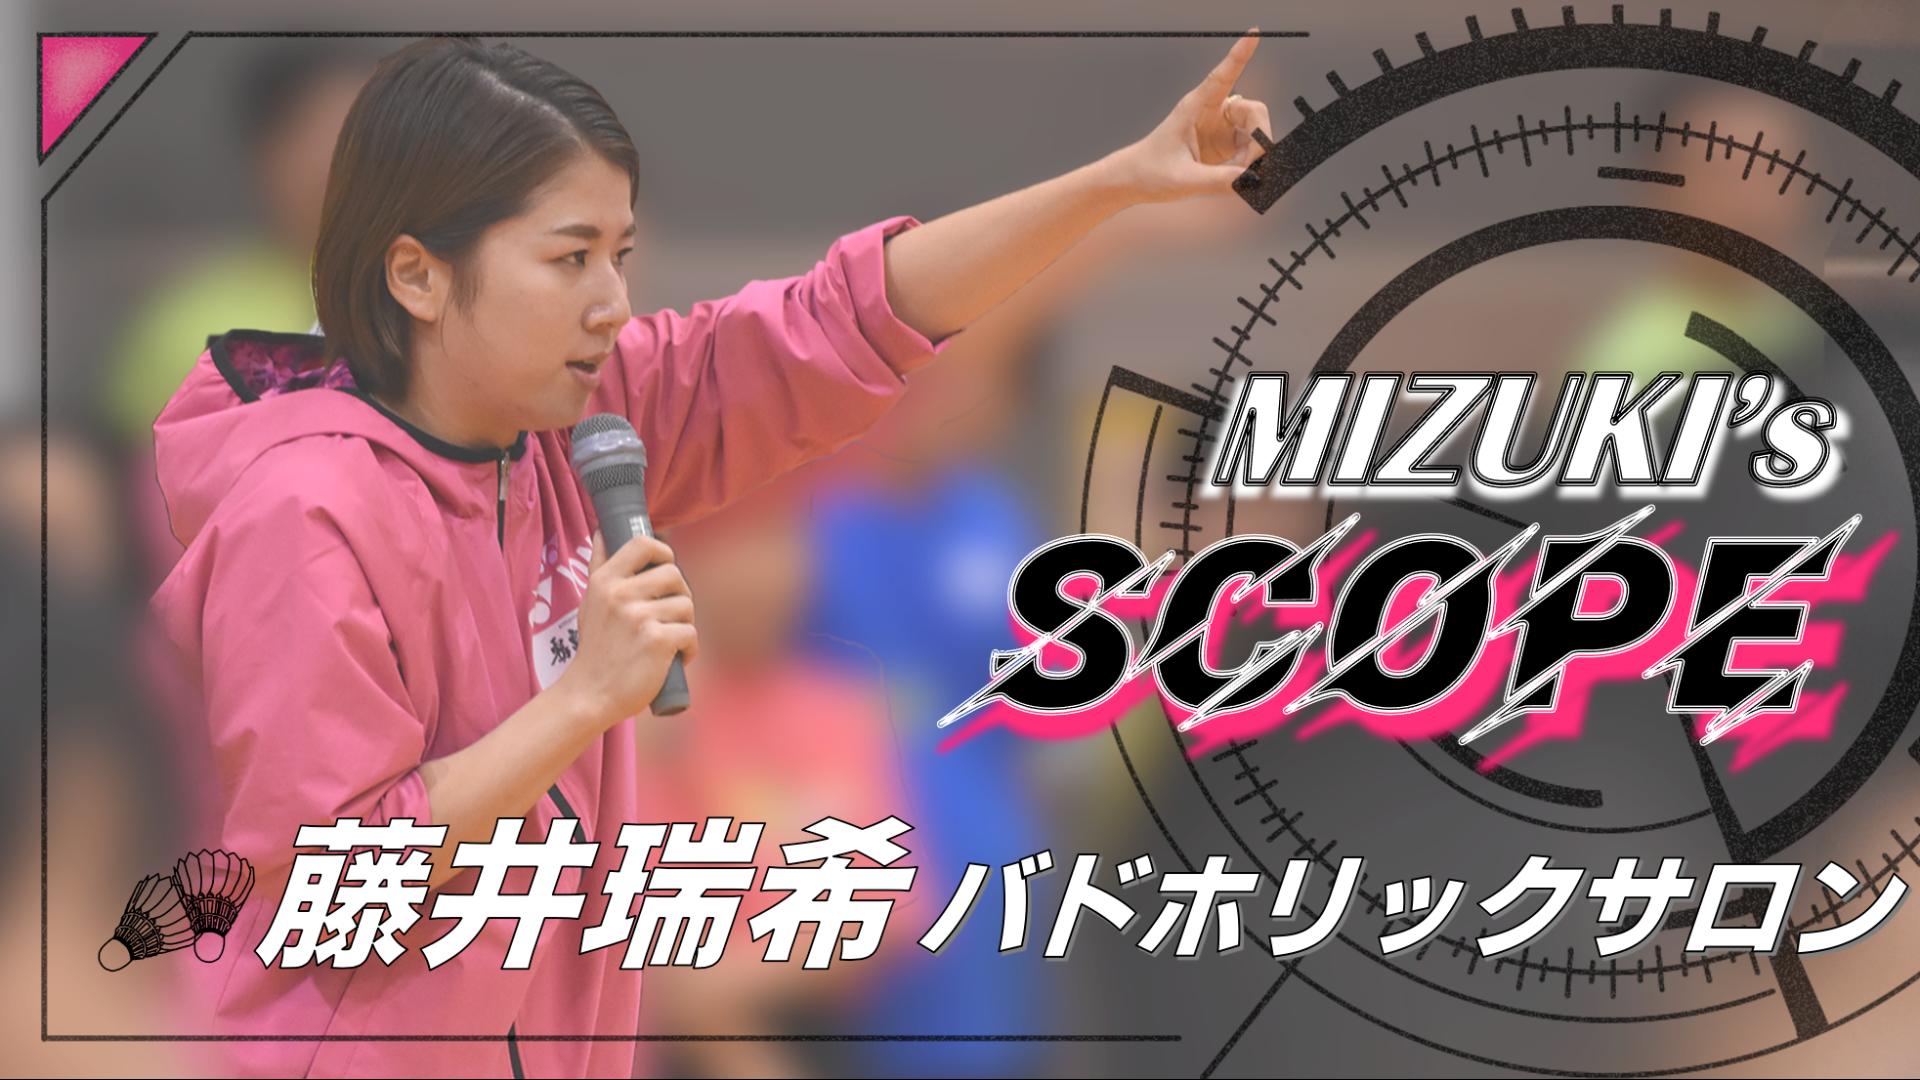 藤井瑞希バドホリックサロン「MIZUKI's SCOPE」